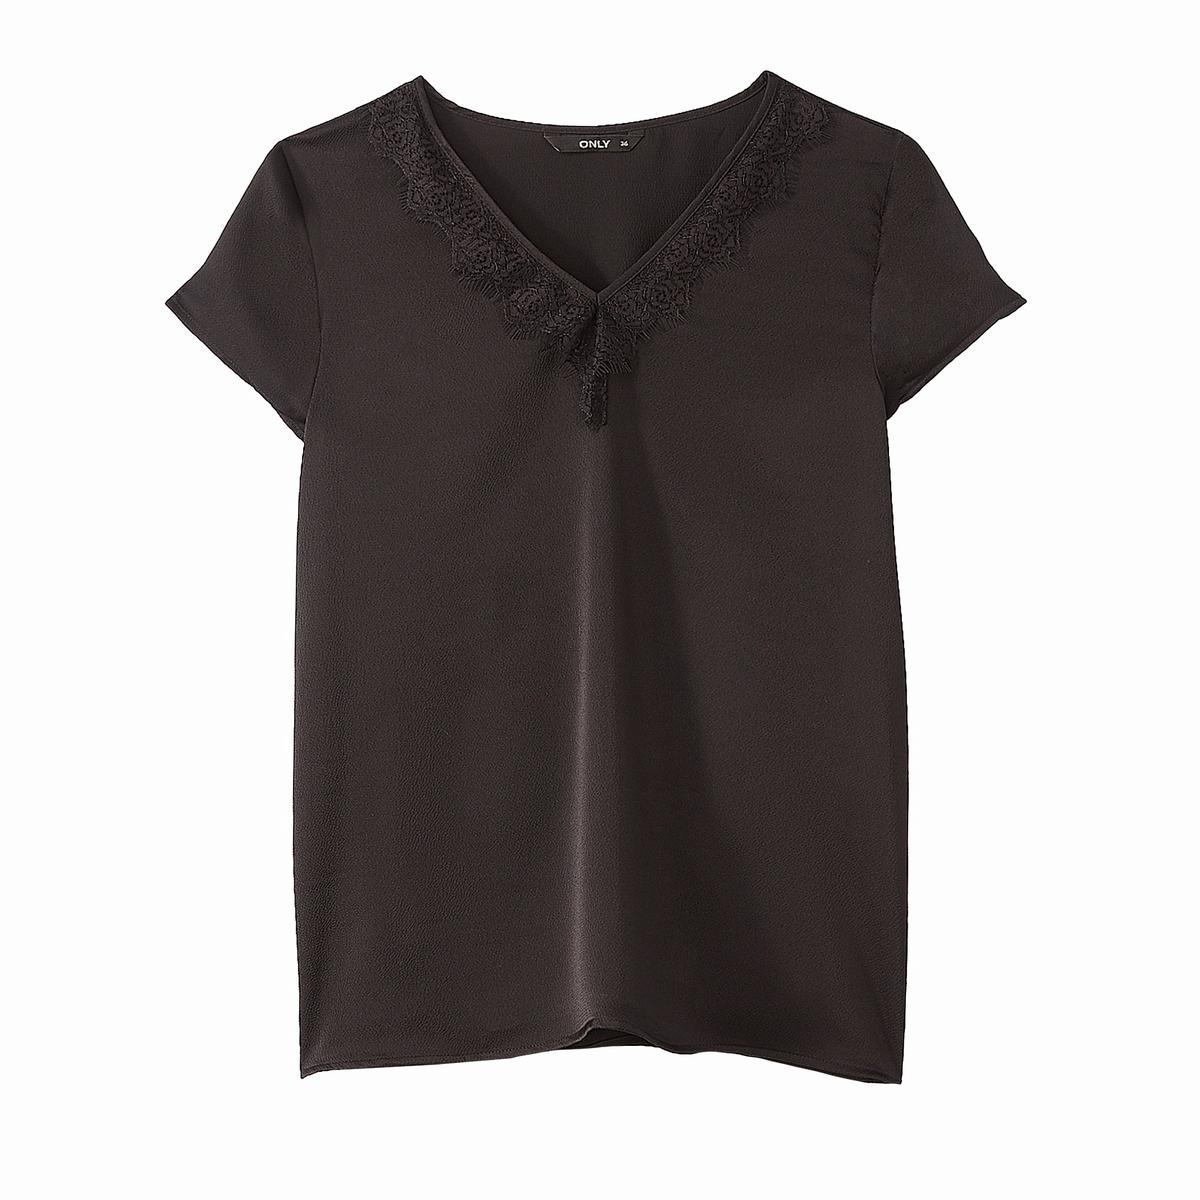 Блузка с v-образным вырезом из кружева с короткими рукавами блузка с квадратным вырезом со вставкой из кружева